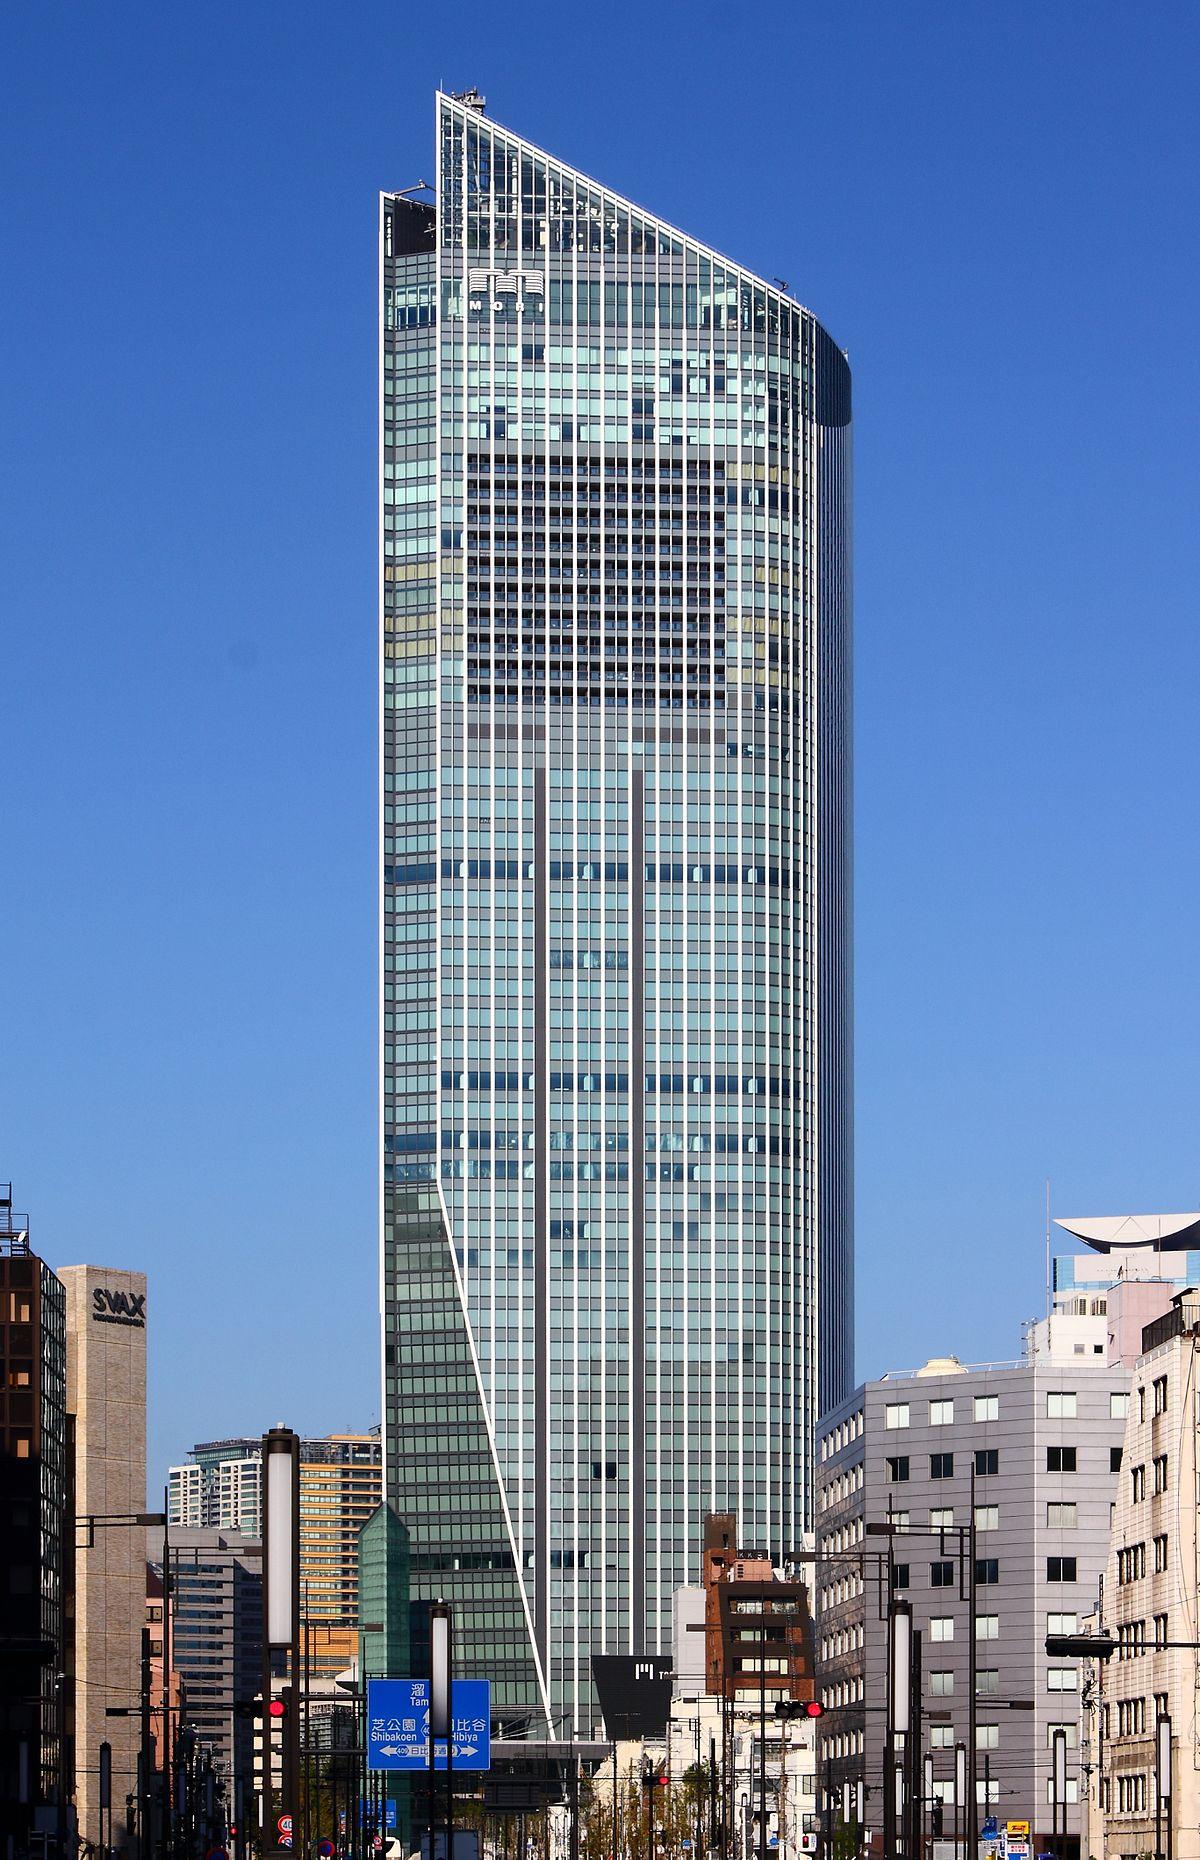 ウォルト・ディズニー・ジャパン - wikipedia